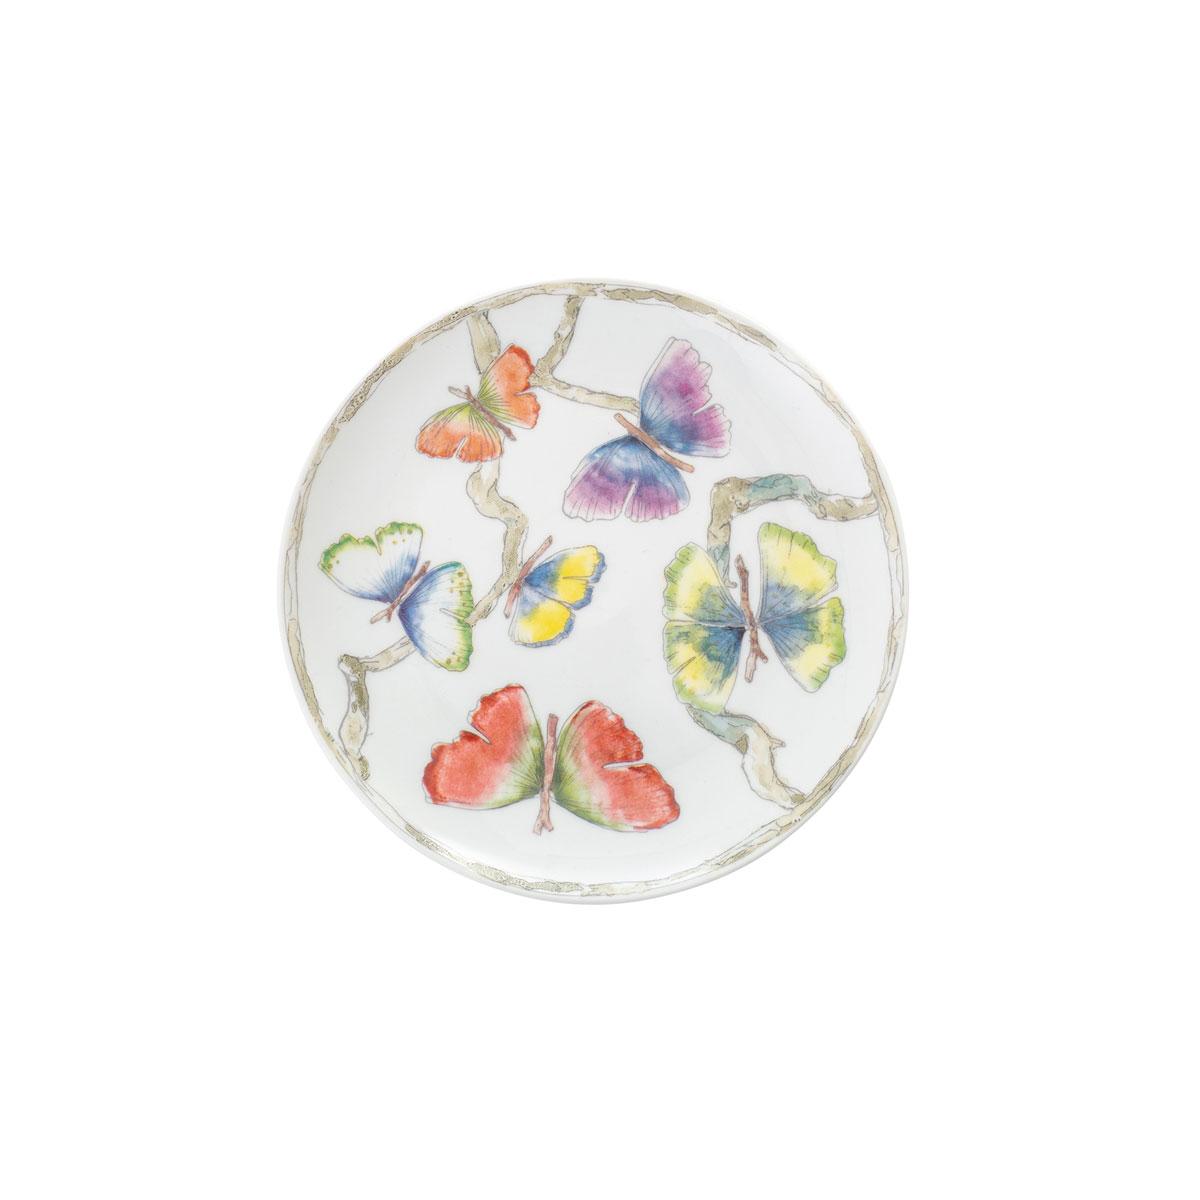 Michael Aram China Butterfly Ginkgo Tidbit Plates Set Of 4